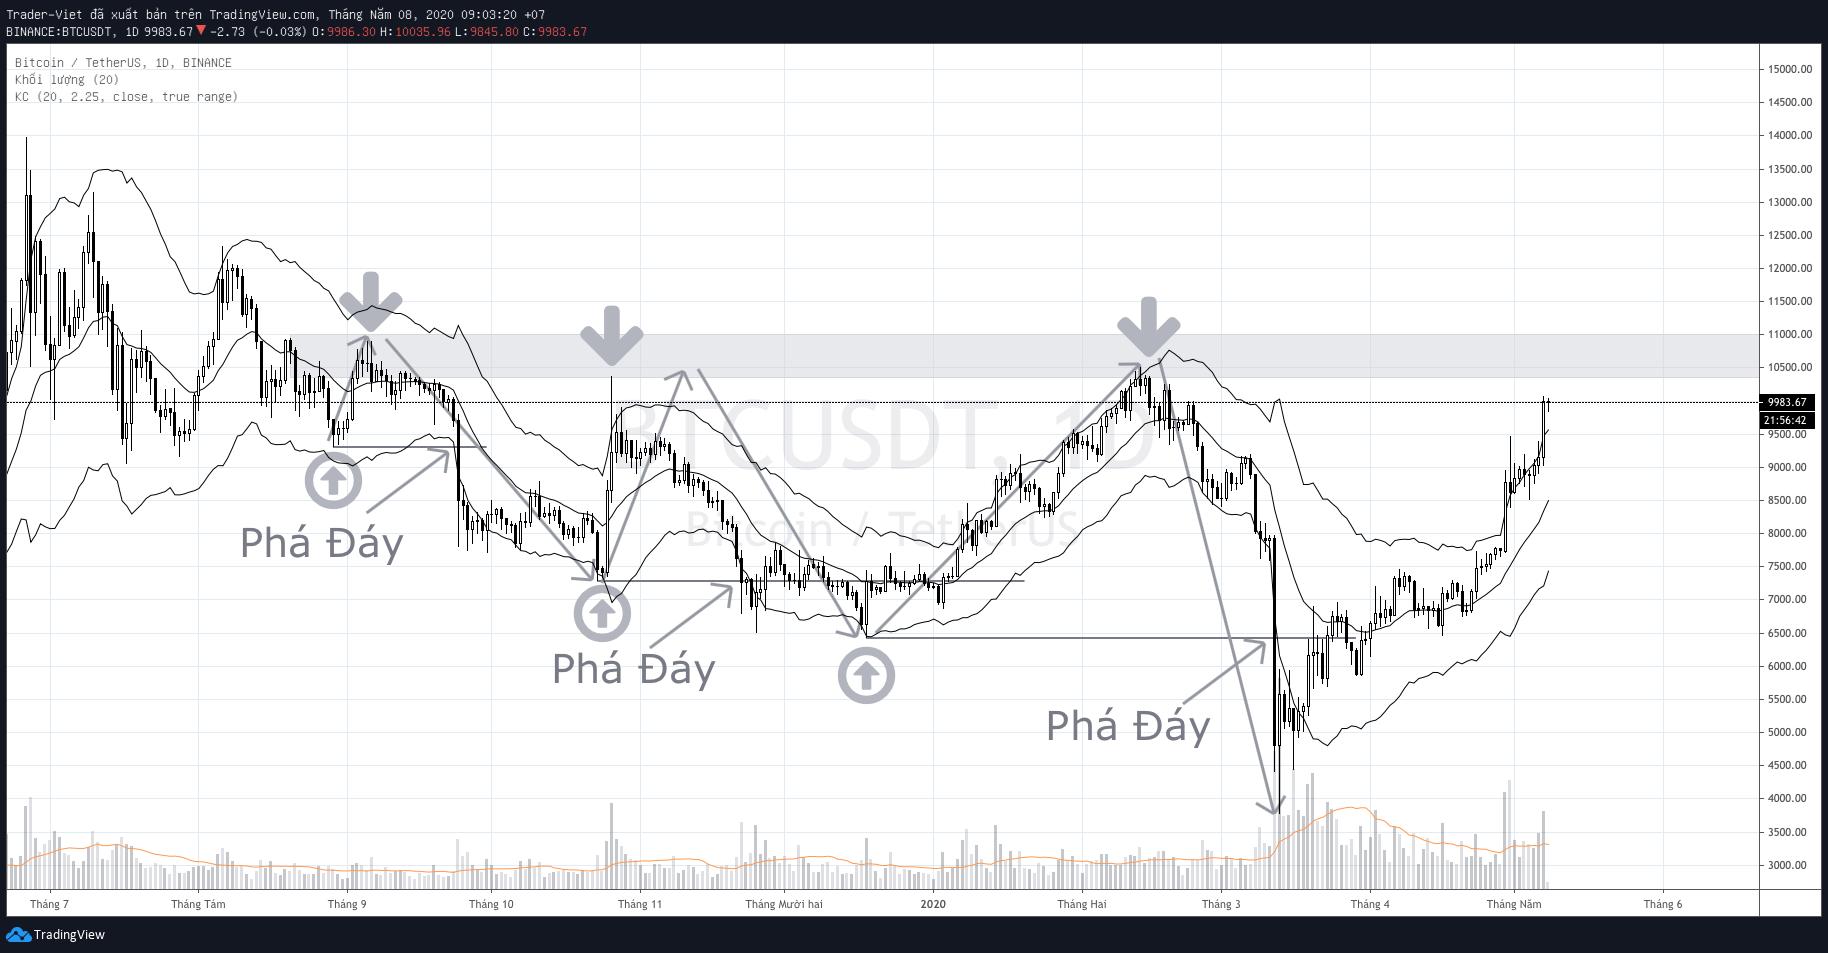 phan-tich-bitcoin-trung- han-traderviet.